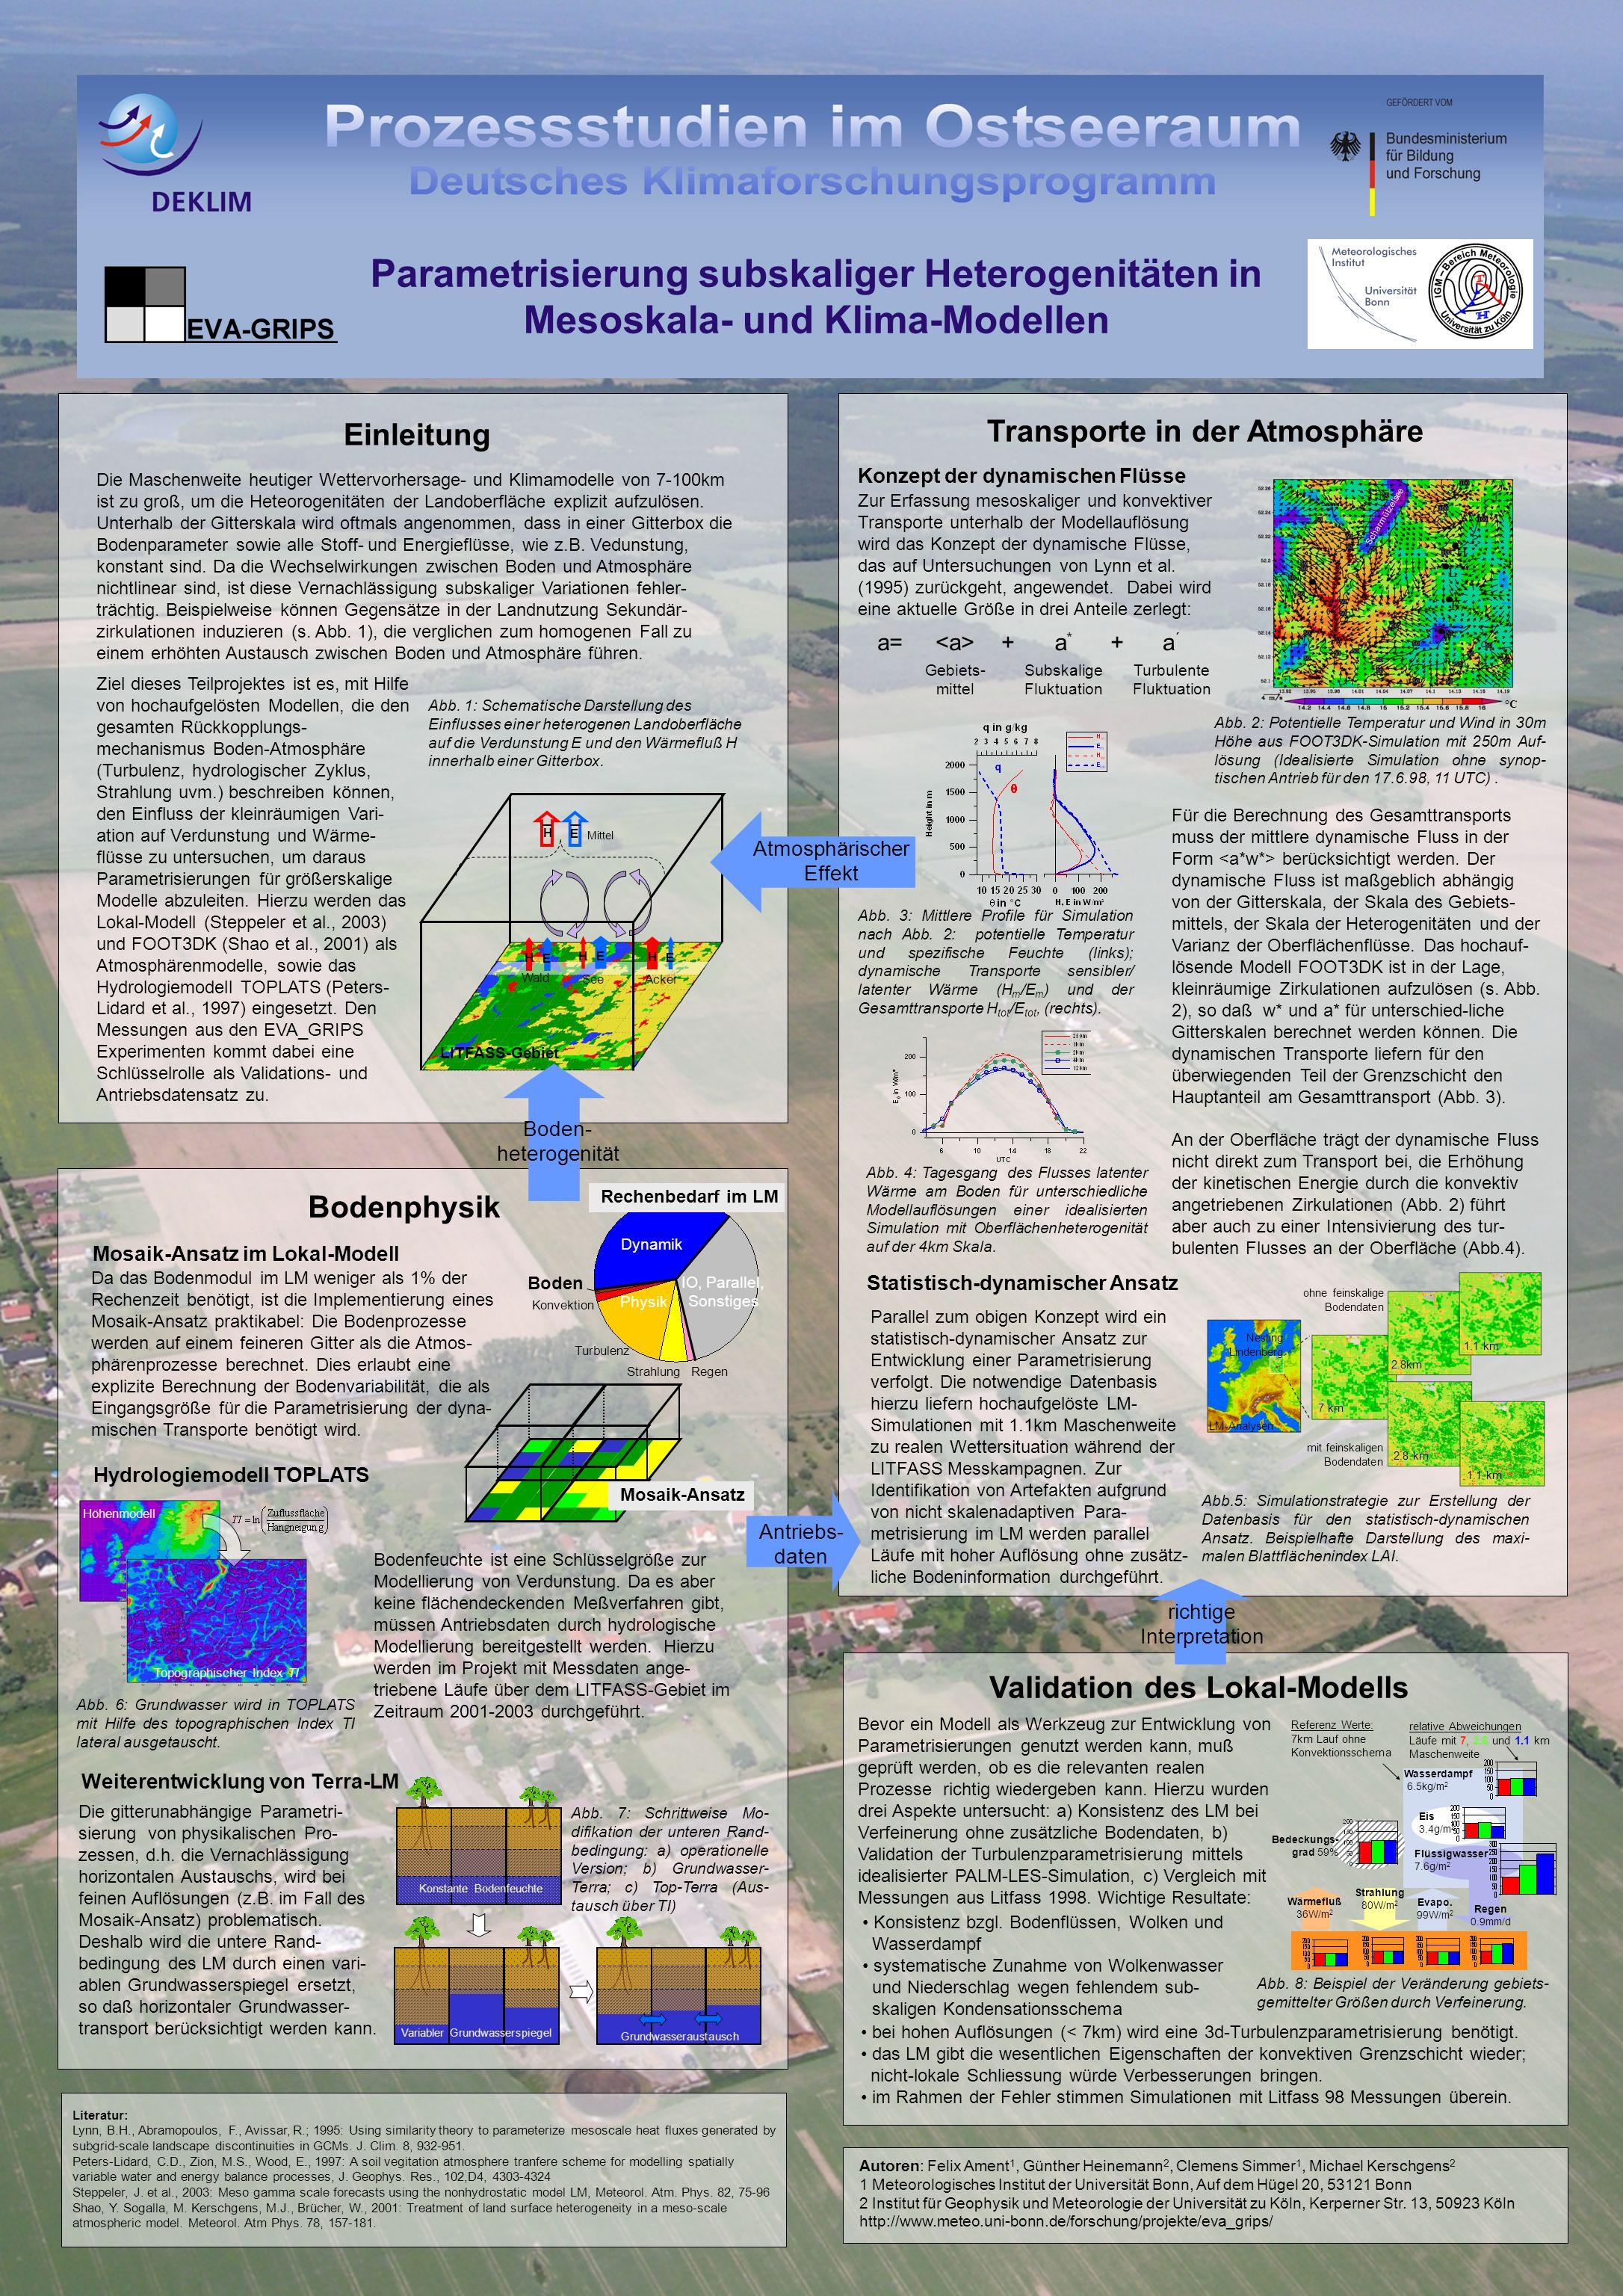 Parametrisierung subskaliger Heterogenitäten in Mesoskala- und Klima-Modellen Einleitung Bodenphysik Statistisch-dynamischer Ansatz Validation des Lok